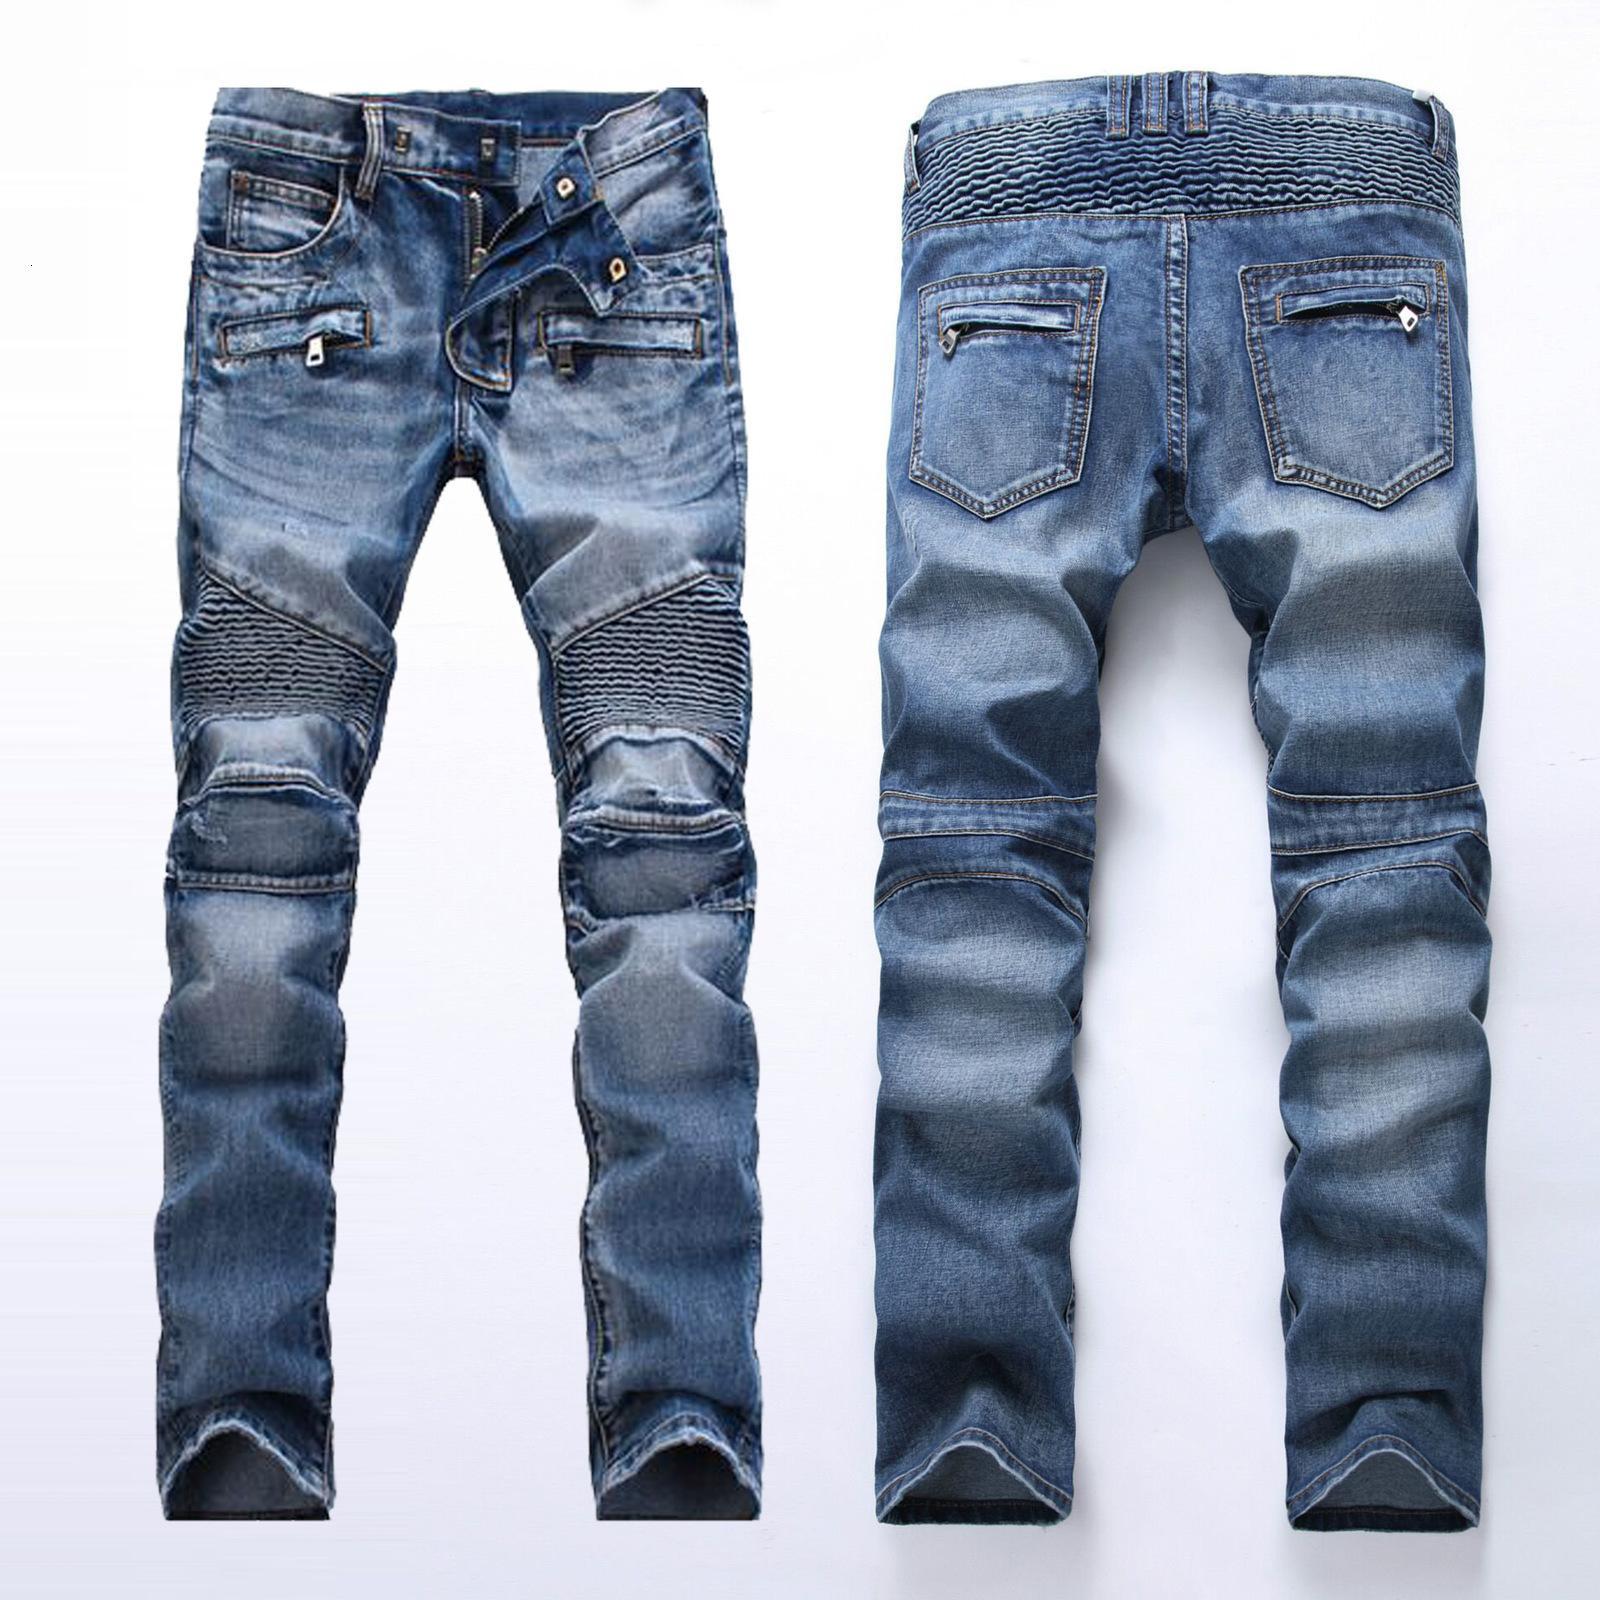 Pantalon décoratif de motocyclette décoratif à fermeture éclair rapide des jeans